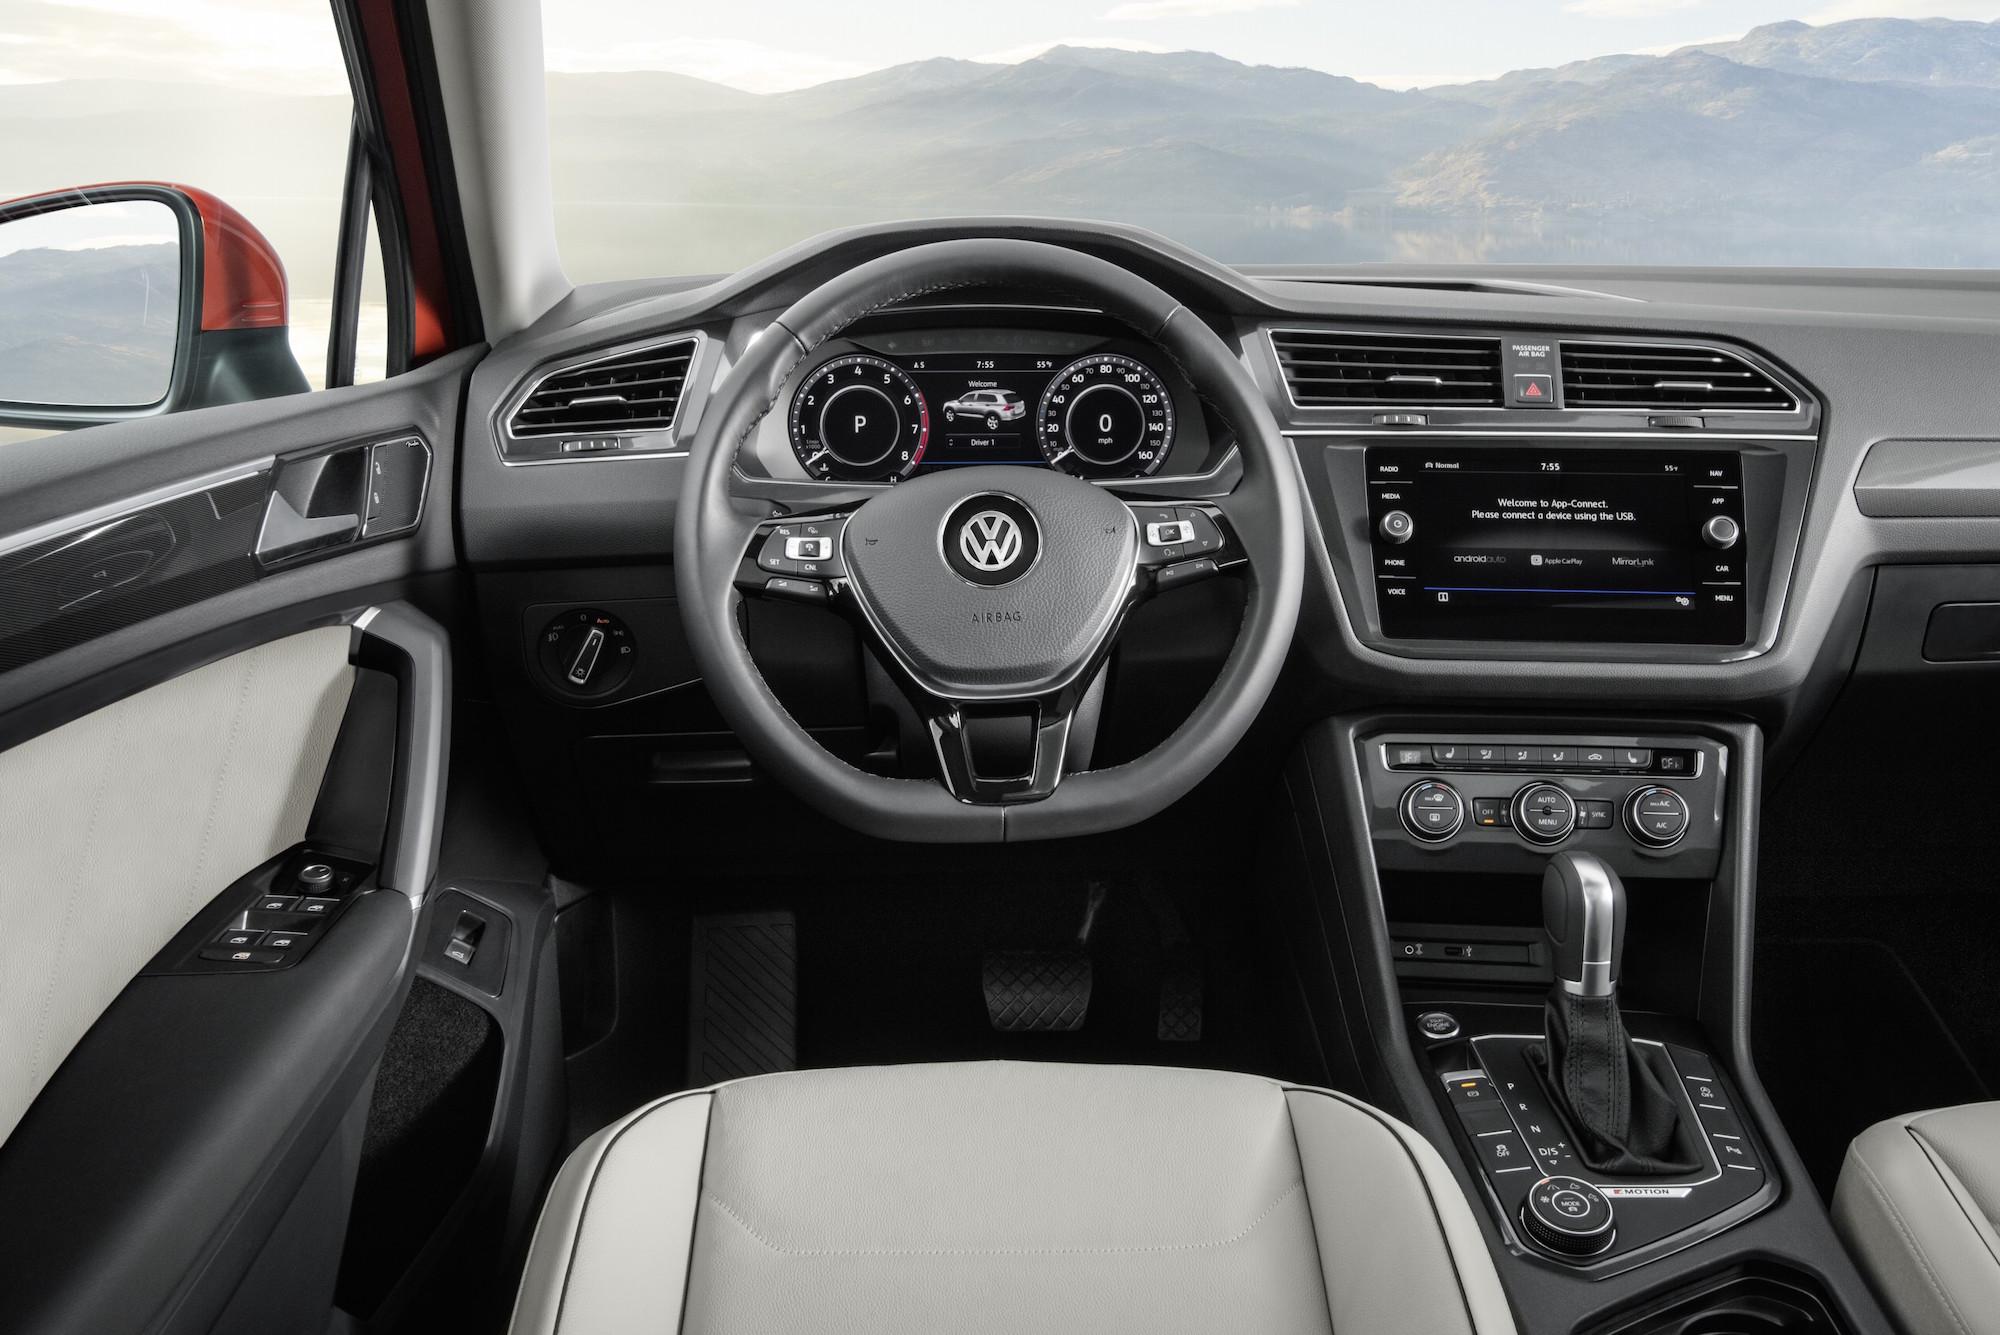 2018 volkswagen tiguan new steering wheel digital cockpit display